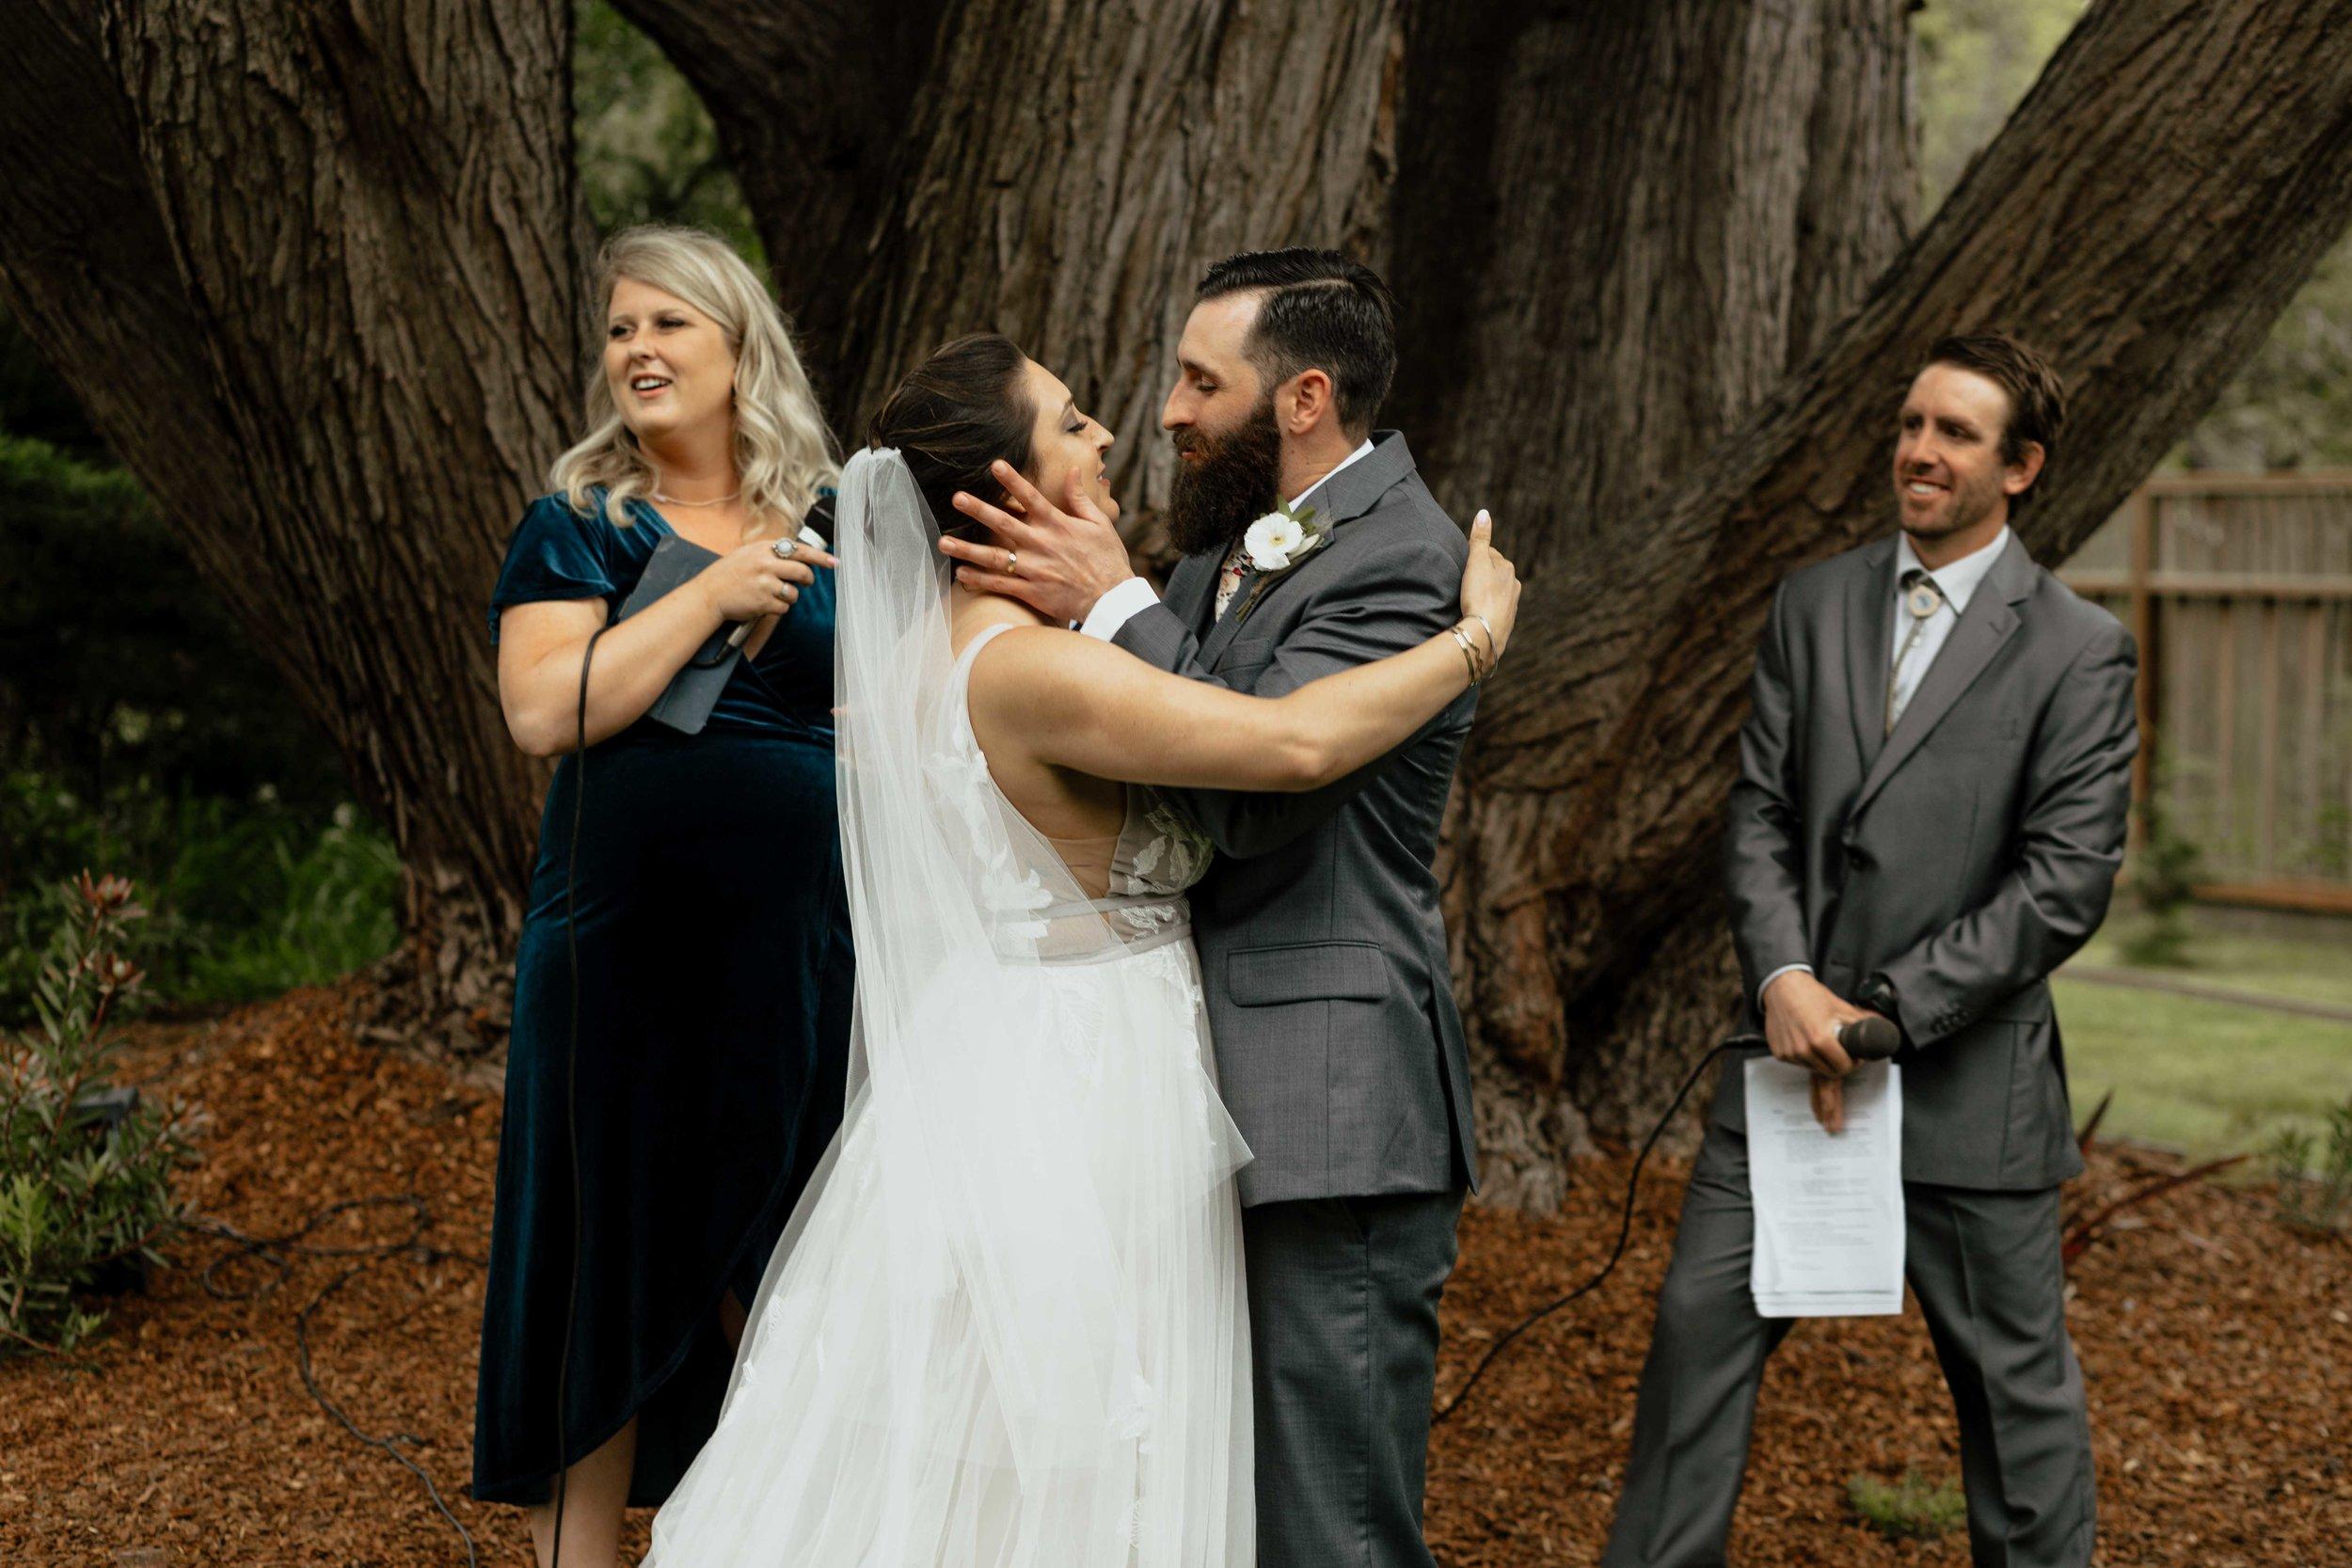 spokane couple unique elopement ceremony